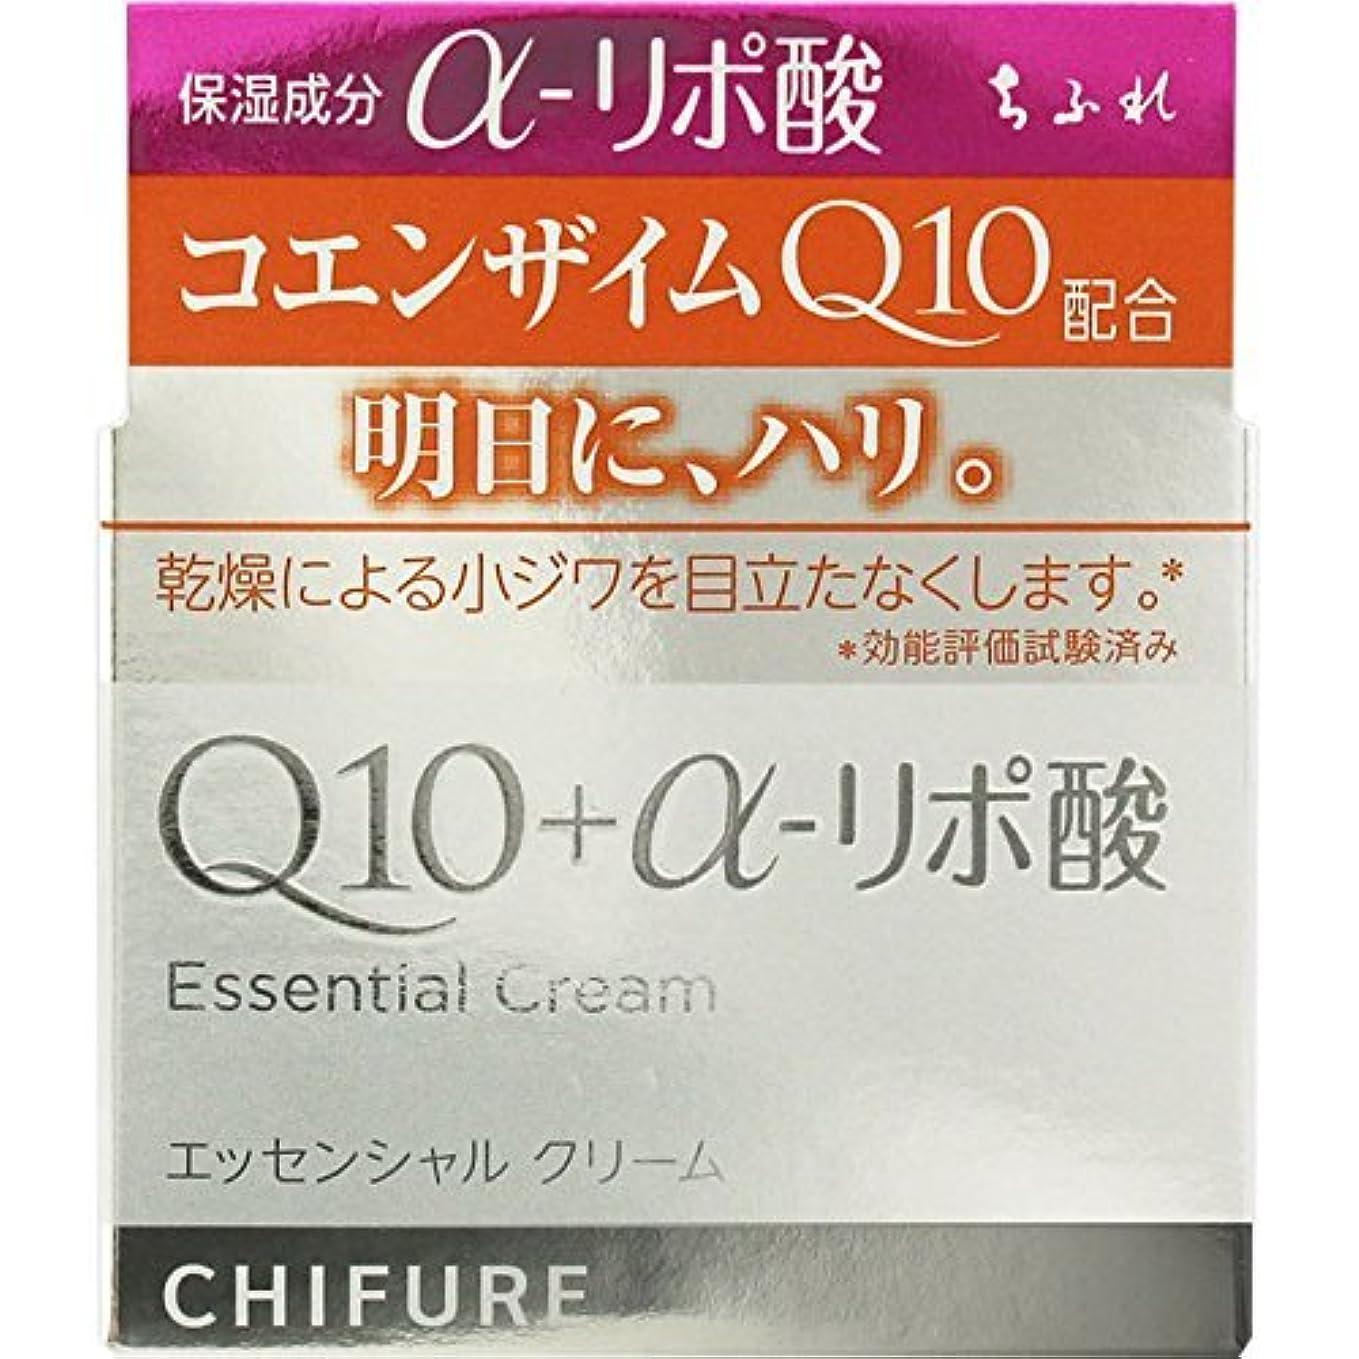 読者五居心地の良いちふれ化粧品 エッセンシャルクリーム N 30g 30G